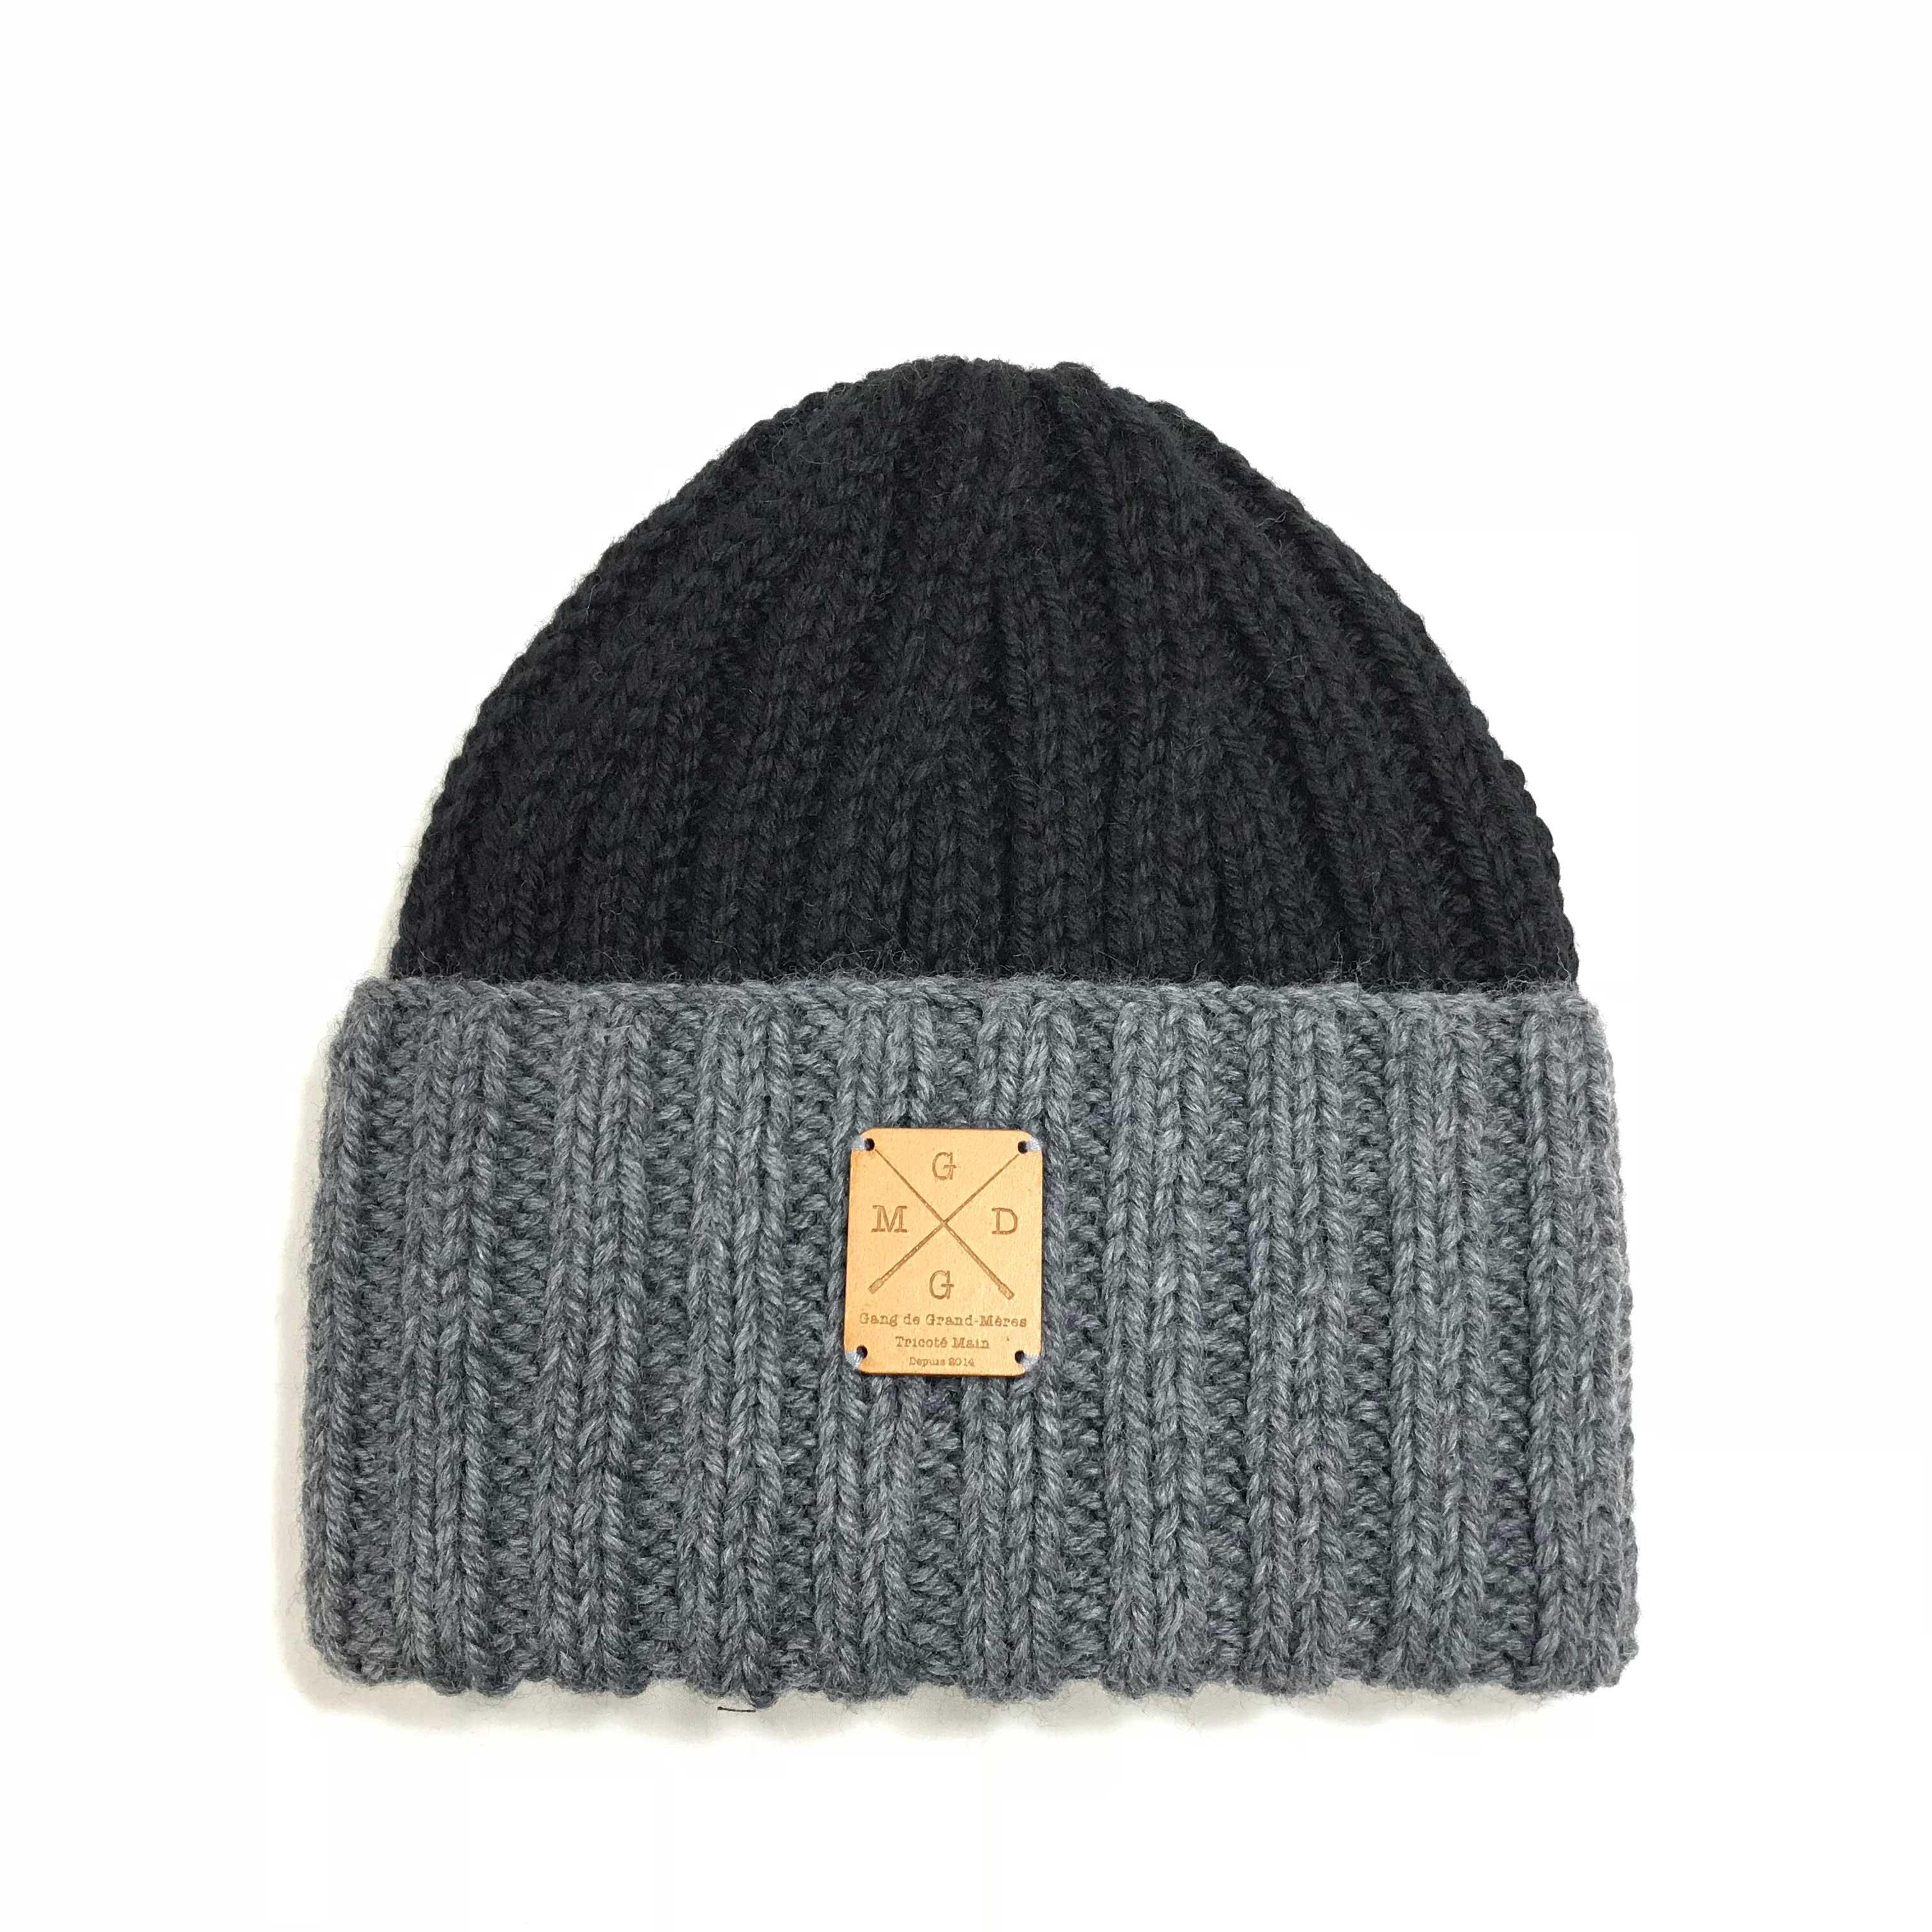 Bonnet de Montagne Toulousain - GDGM 16aea486562